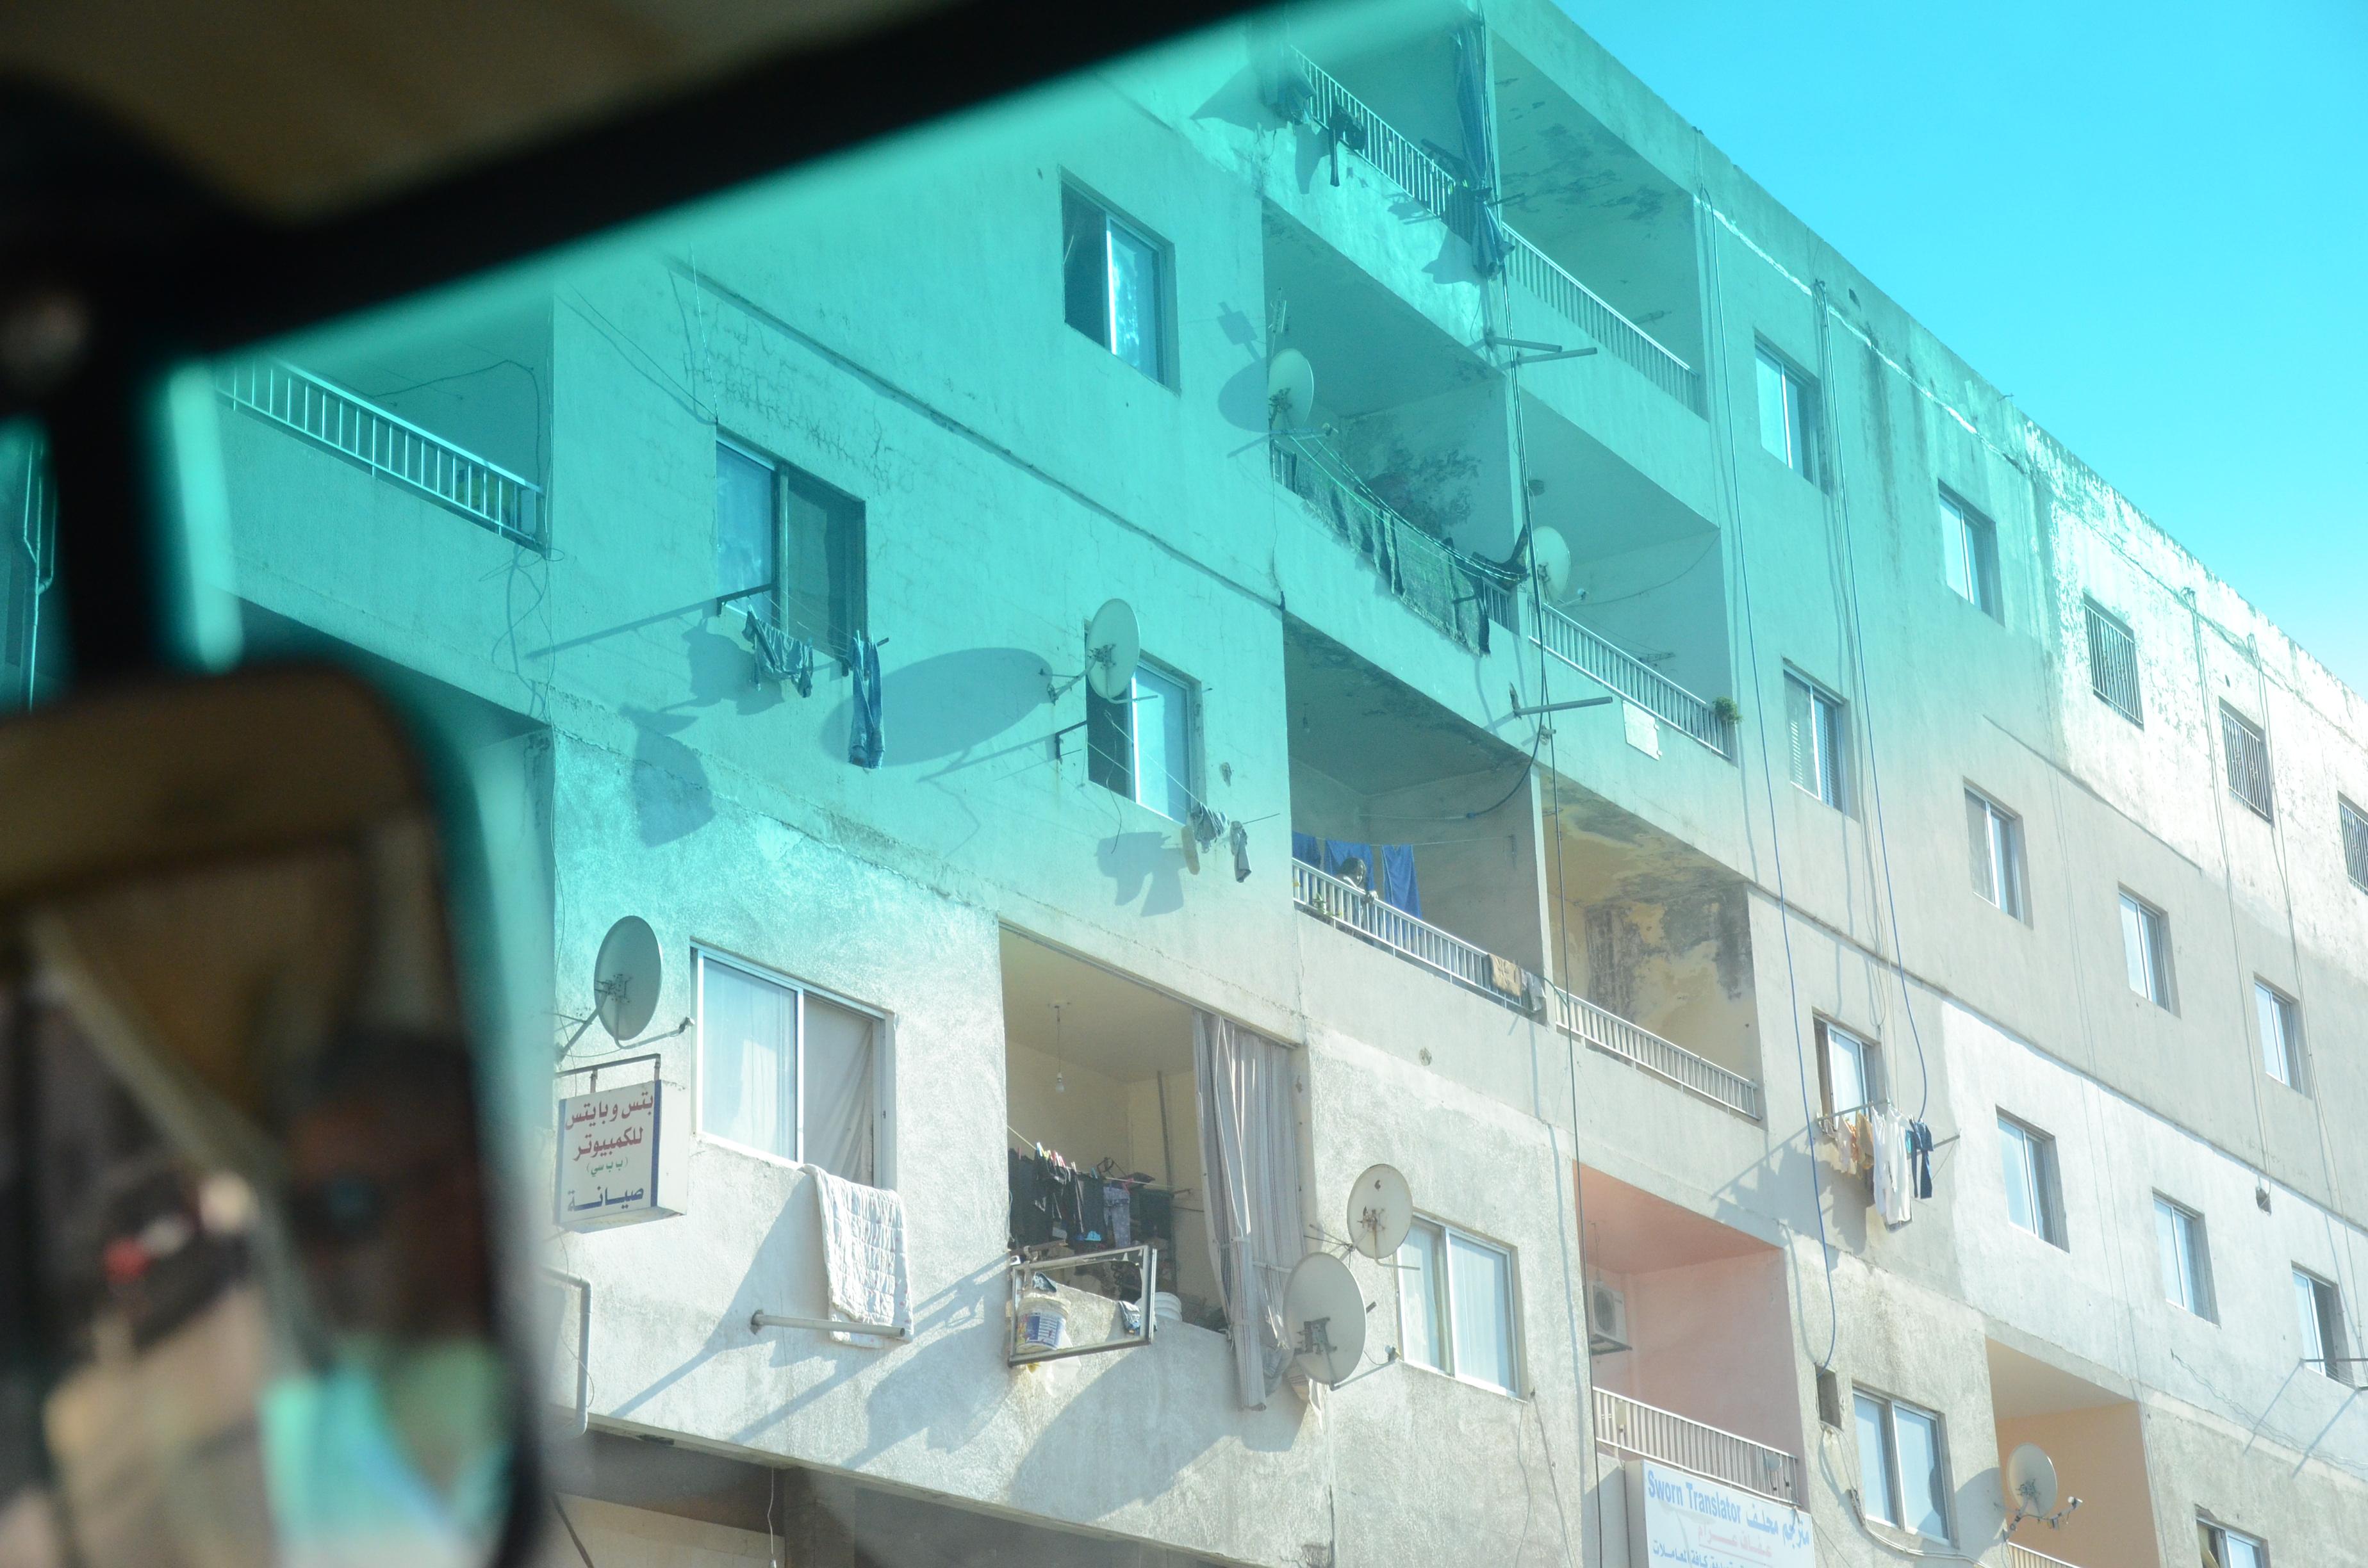 L'appartement de B. représente le seul endroit de la ville où il se sent en sécurité. [A.Python]